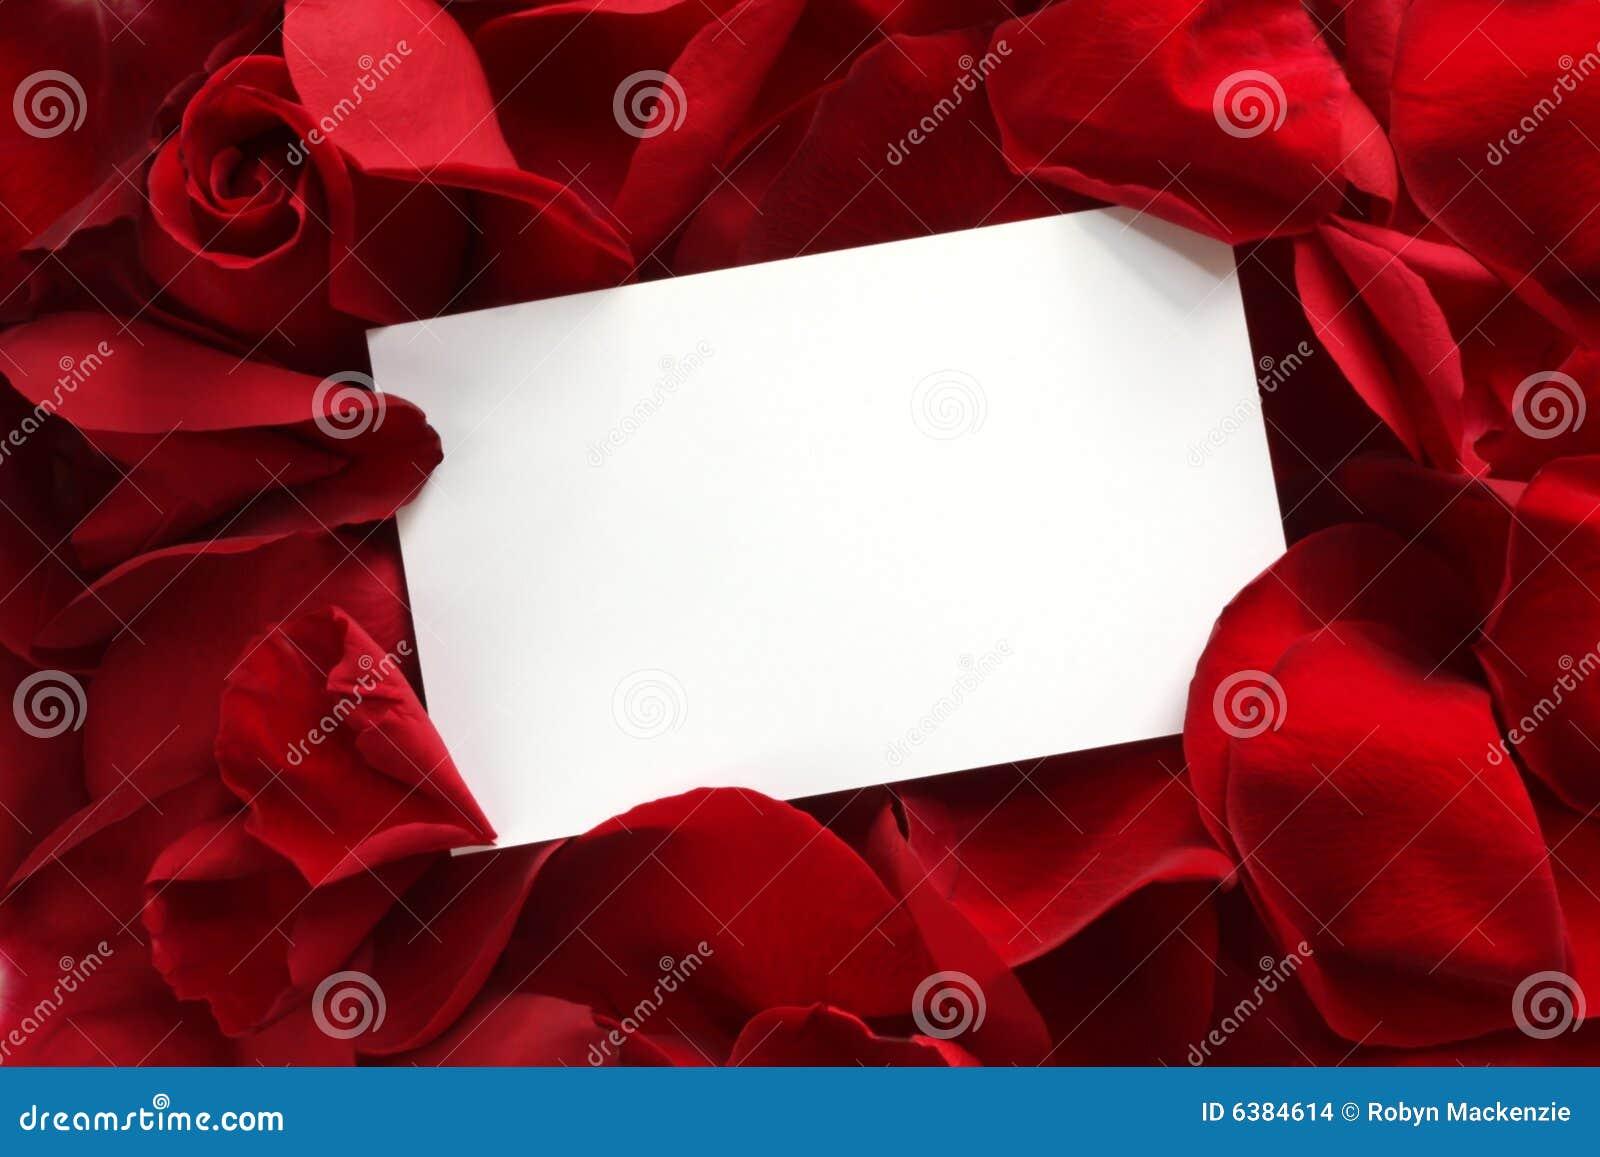 Geschenk-Karte auf roten Rosen-Blumenblättern